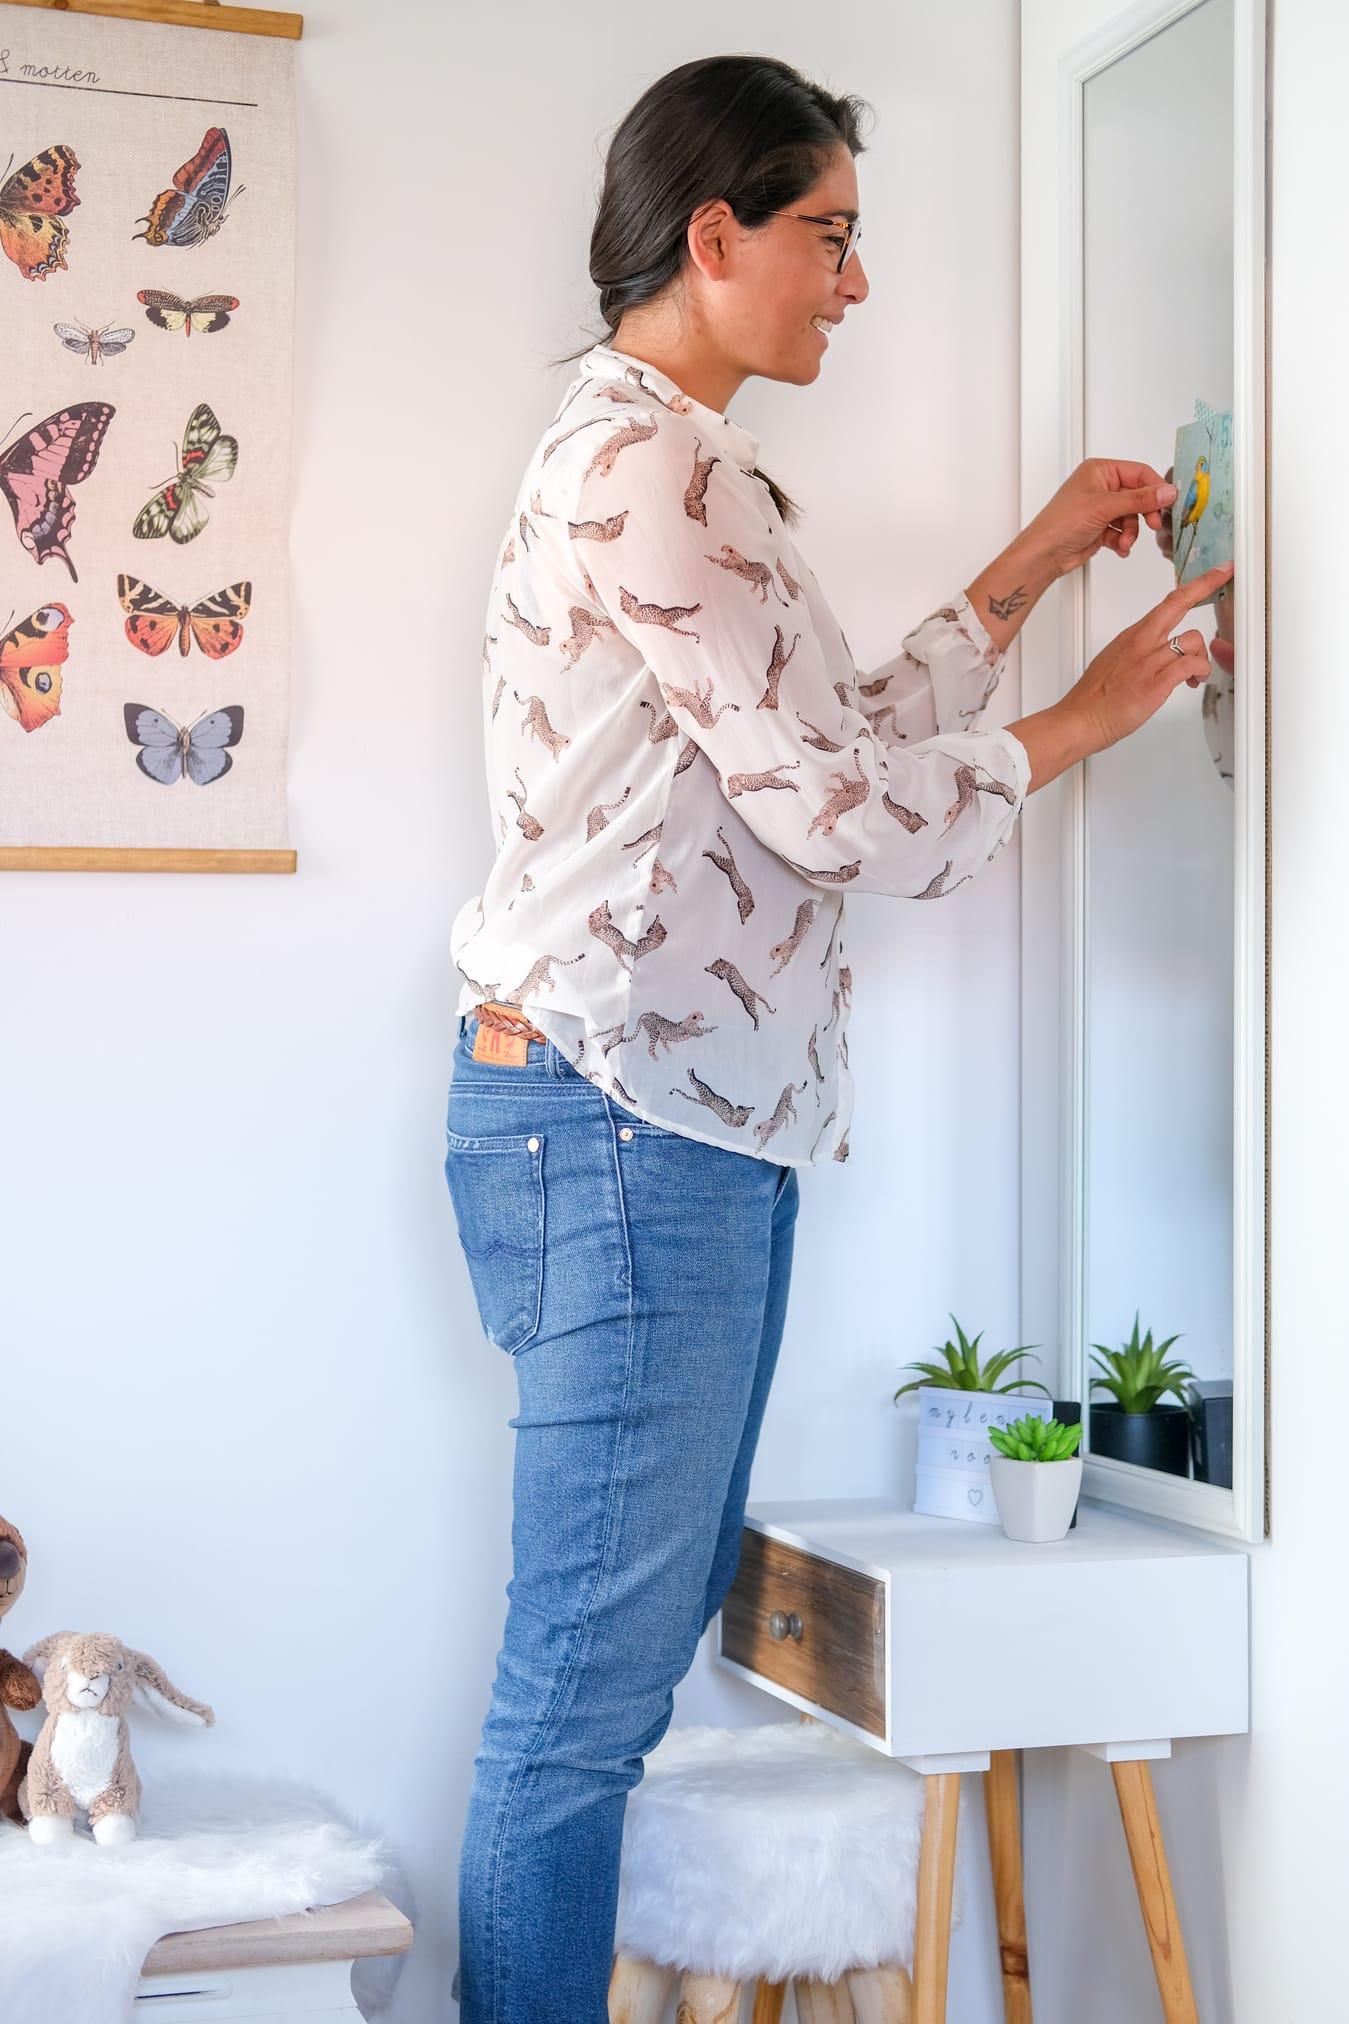 styliste kinderkamer blogger